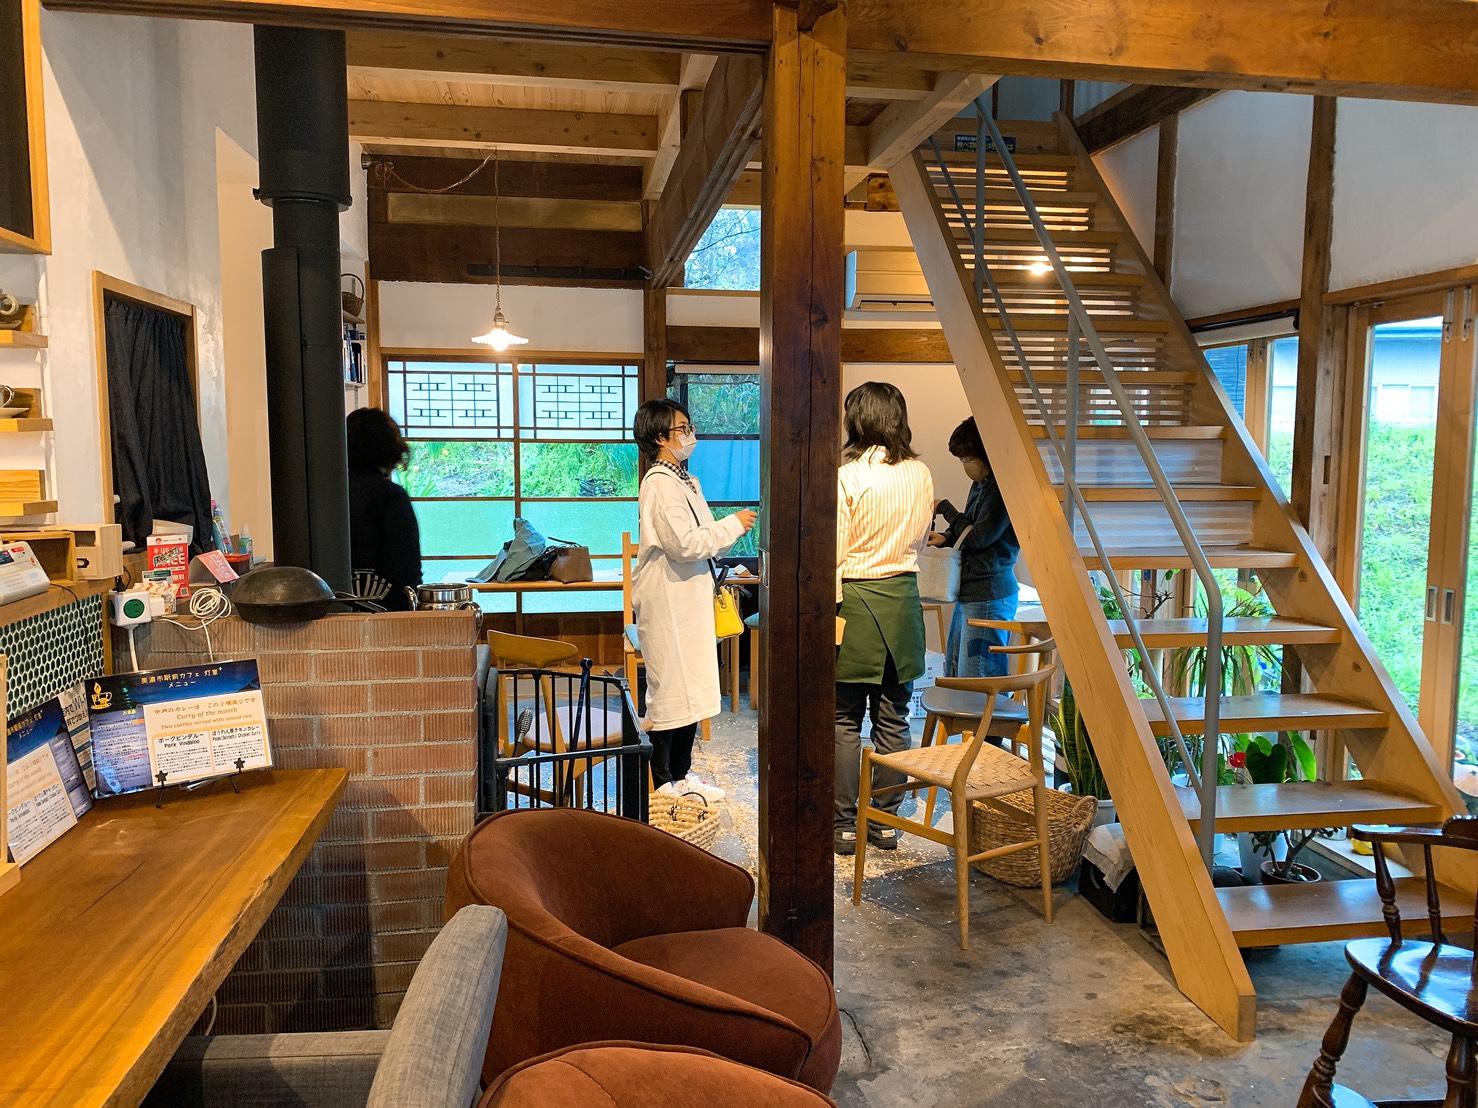 長良川おんぱく「カレーの美味しいカフェで Myスプーンづくり」参加レポート